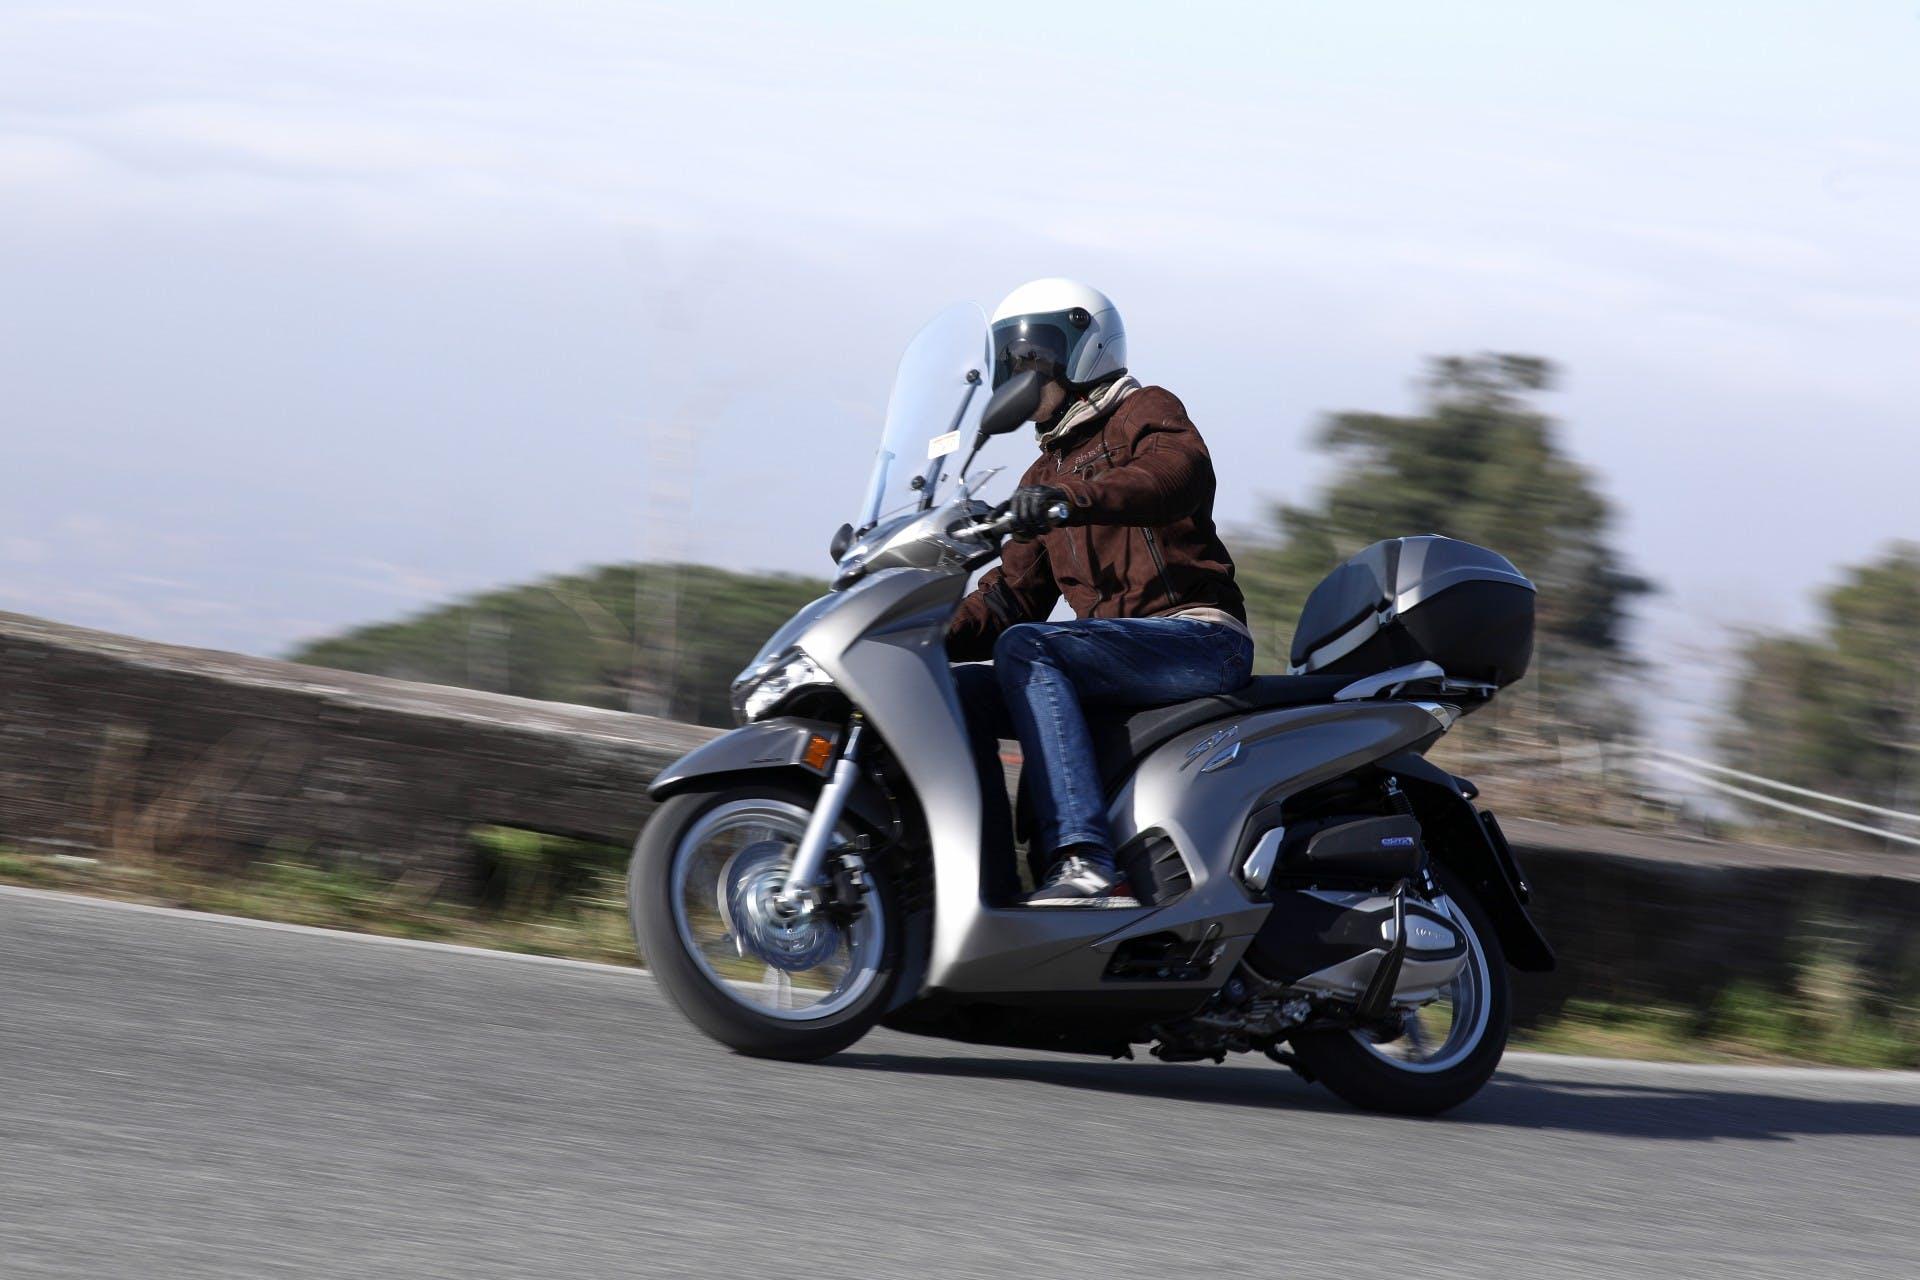 Honda SH 350 grigio in movimento su strada di montagna